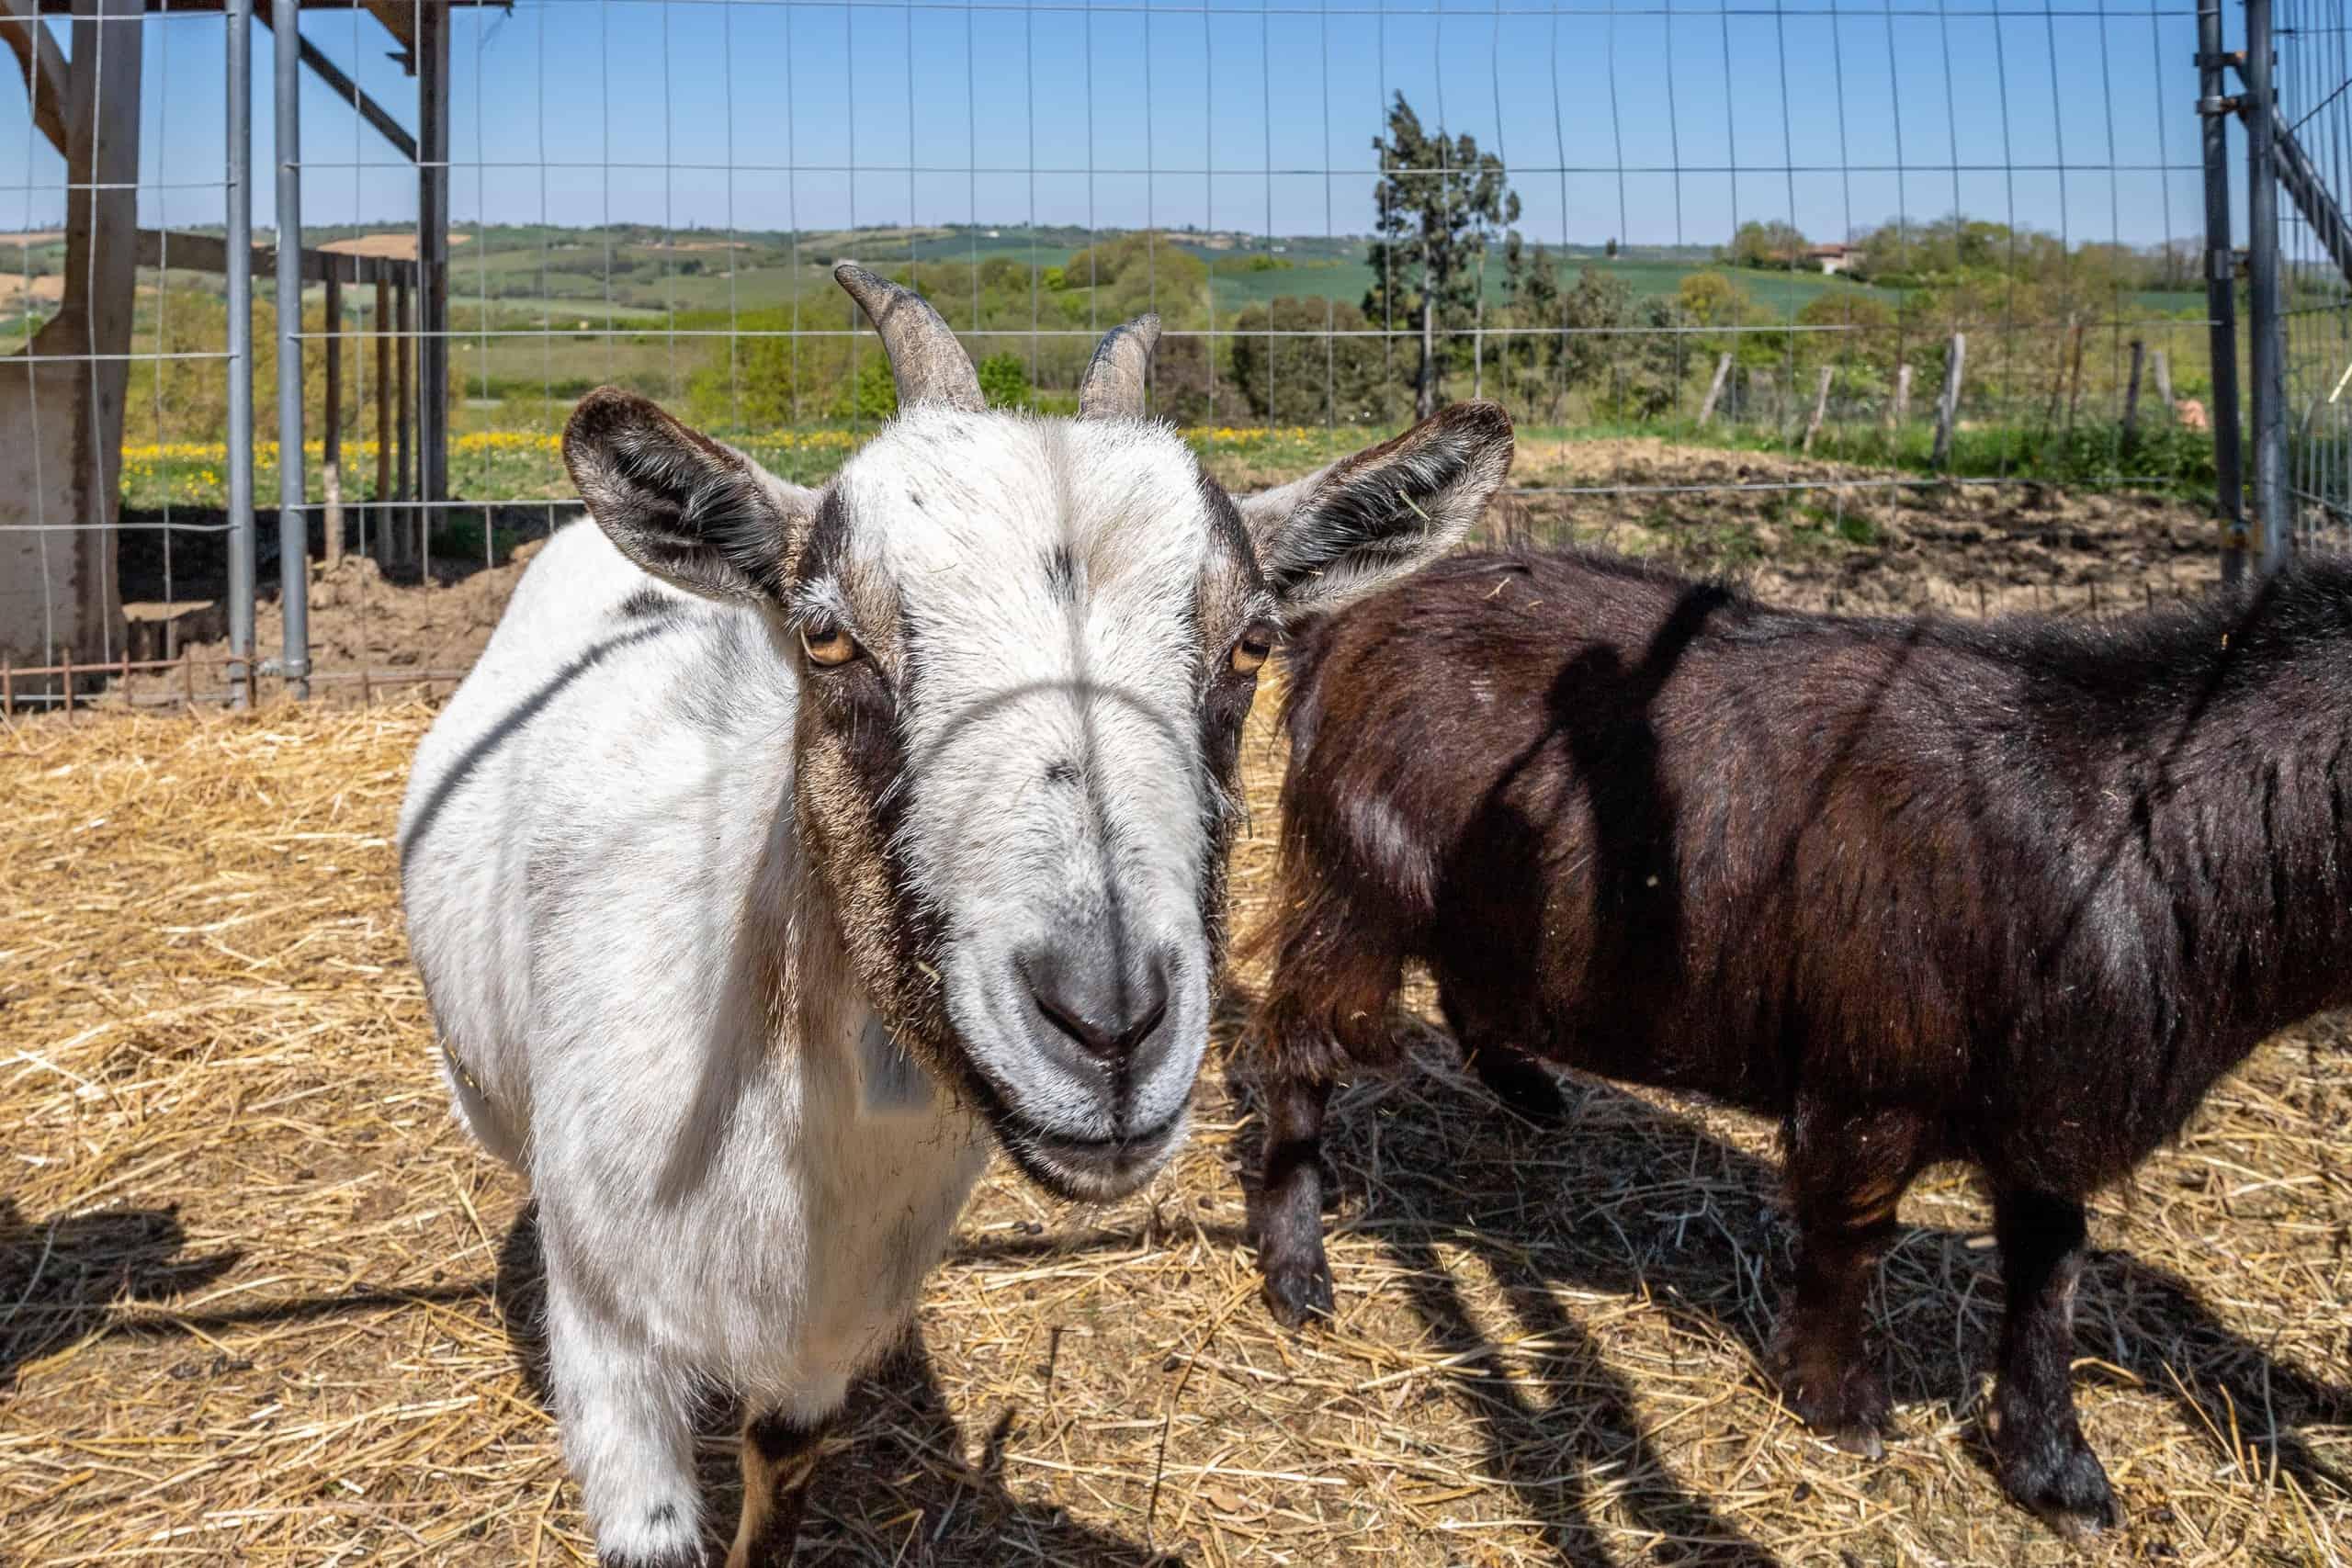 Goats-WMC070